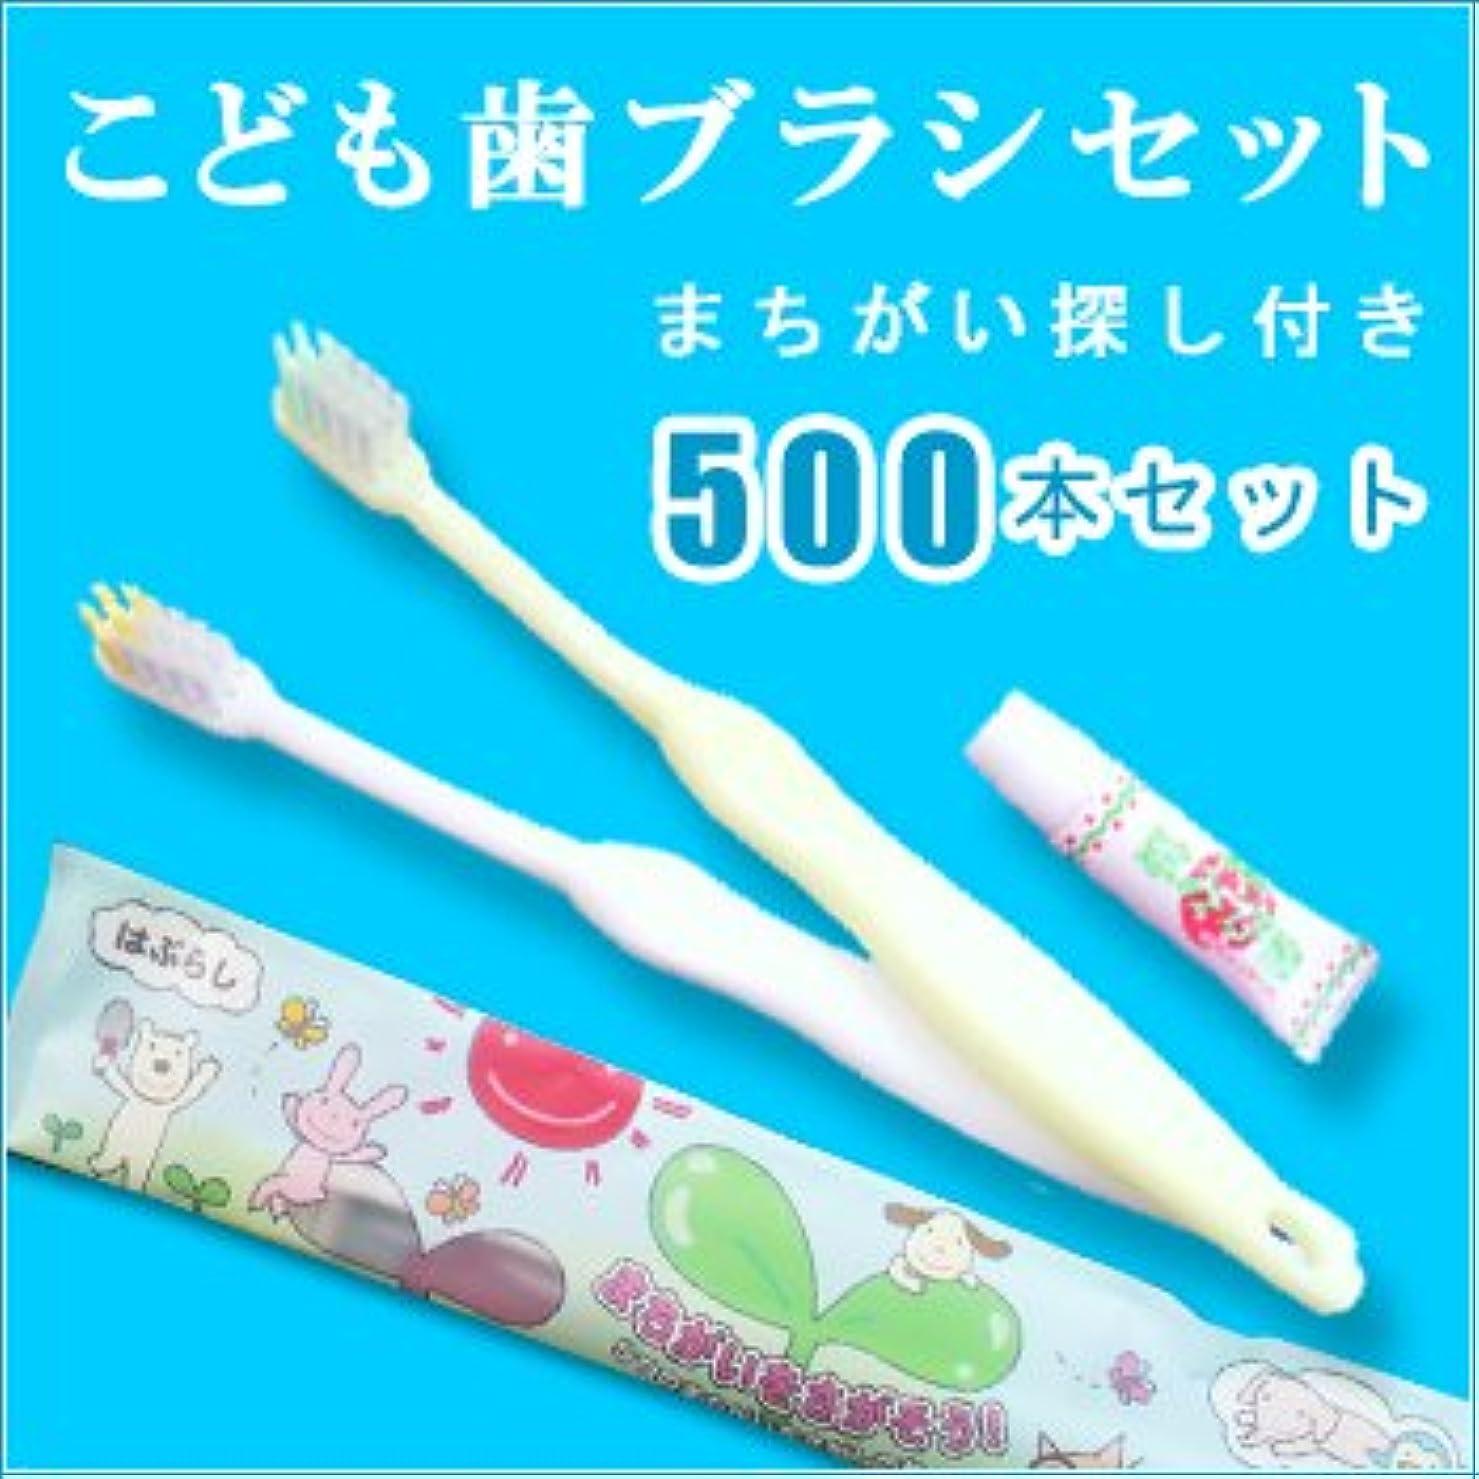 ウェイド品パンチこども用歯ブラシ いちご味の歯磨き粉 3gチューブ付 ホワイト?イエロー2色アソート(1セット500本)1本当たり34円